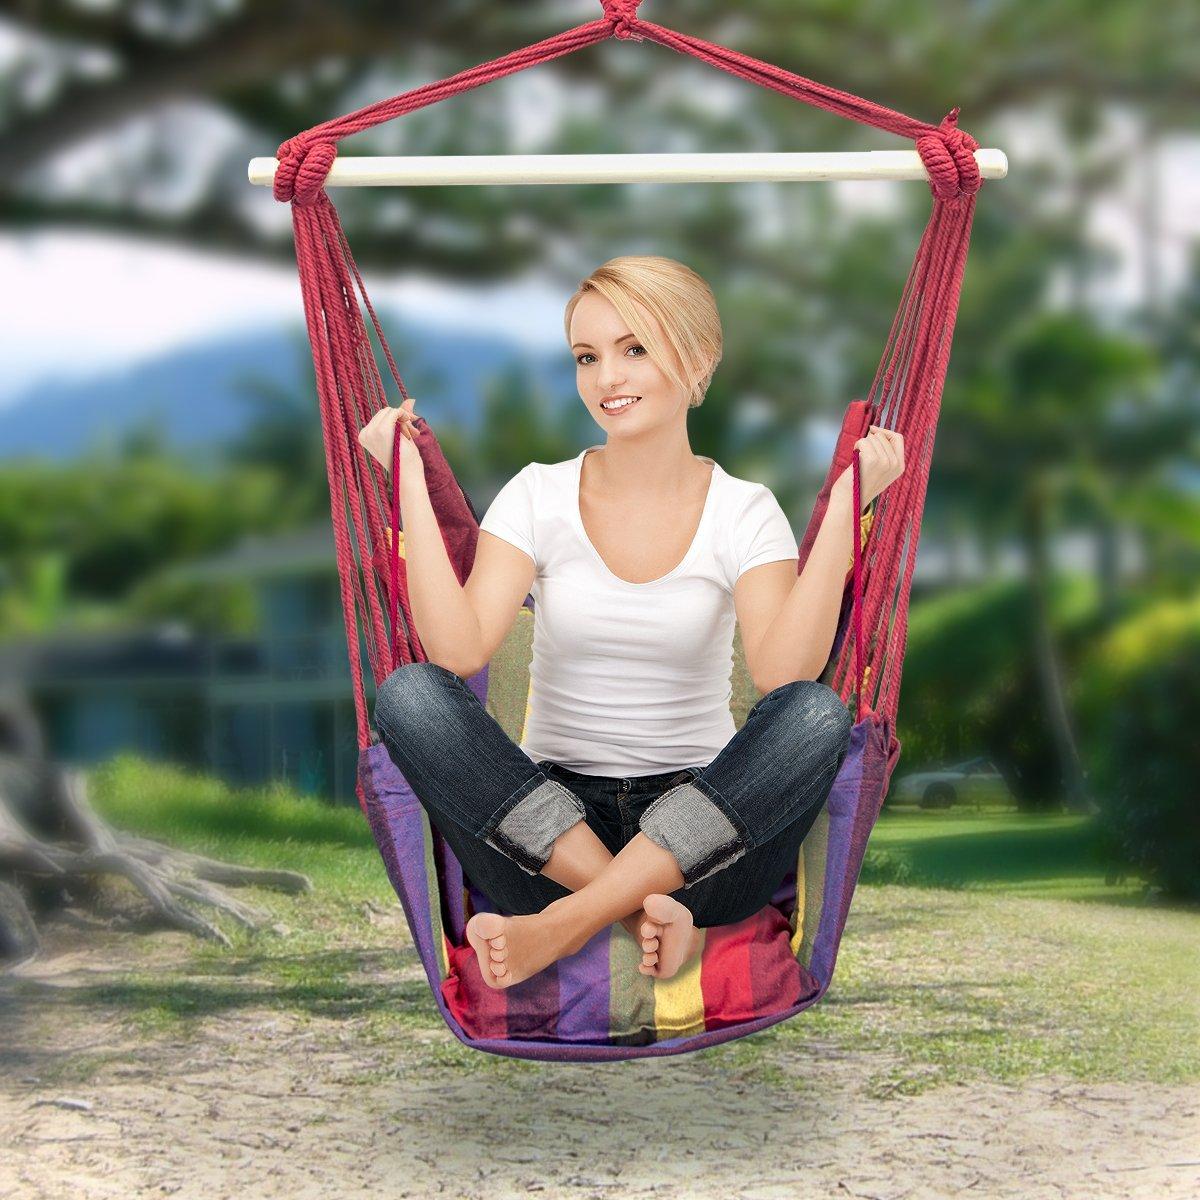 Amazon.com: Sorbus Hanging Rope Hammock Chair Swing Seat For Any Indoor Or  Outdoor Spaces: Garden U0026 Outdoor